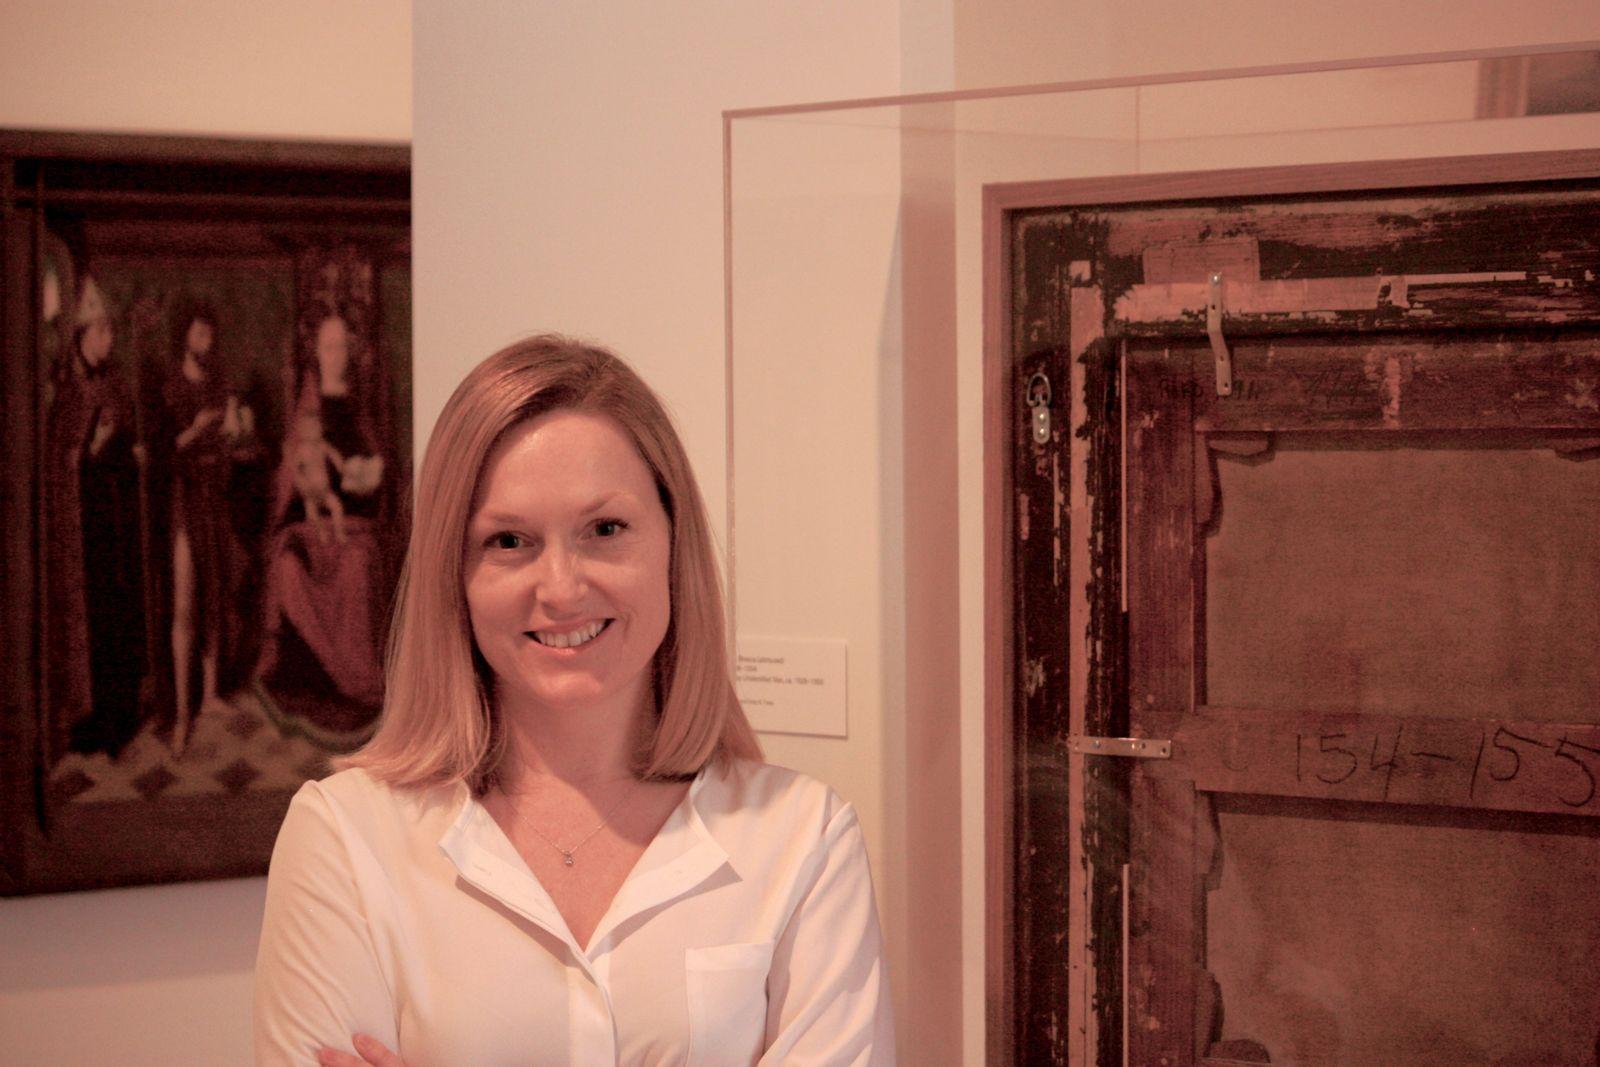 Nancy Karrels (c) Krannert Art Museum